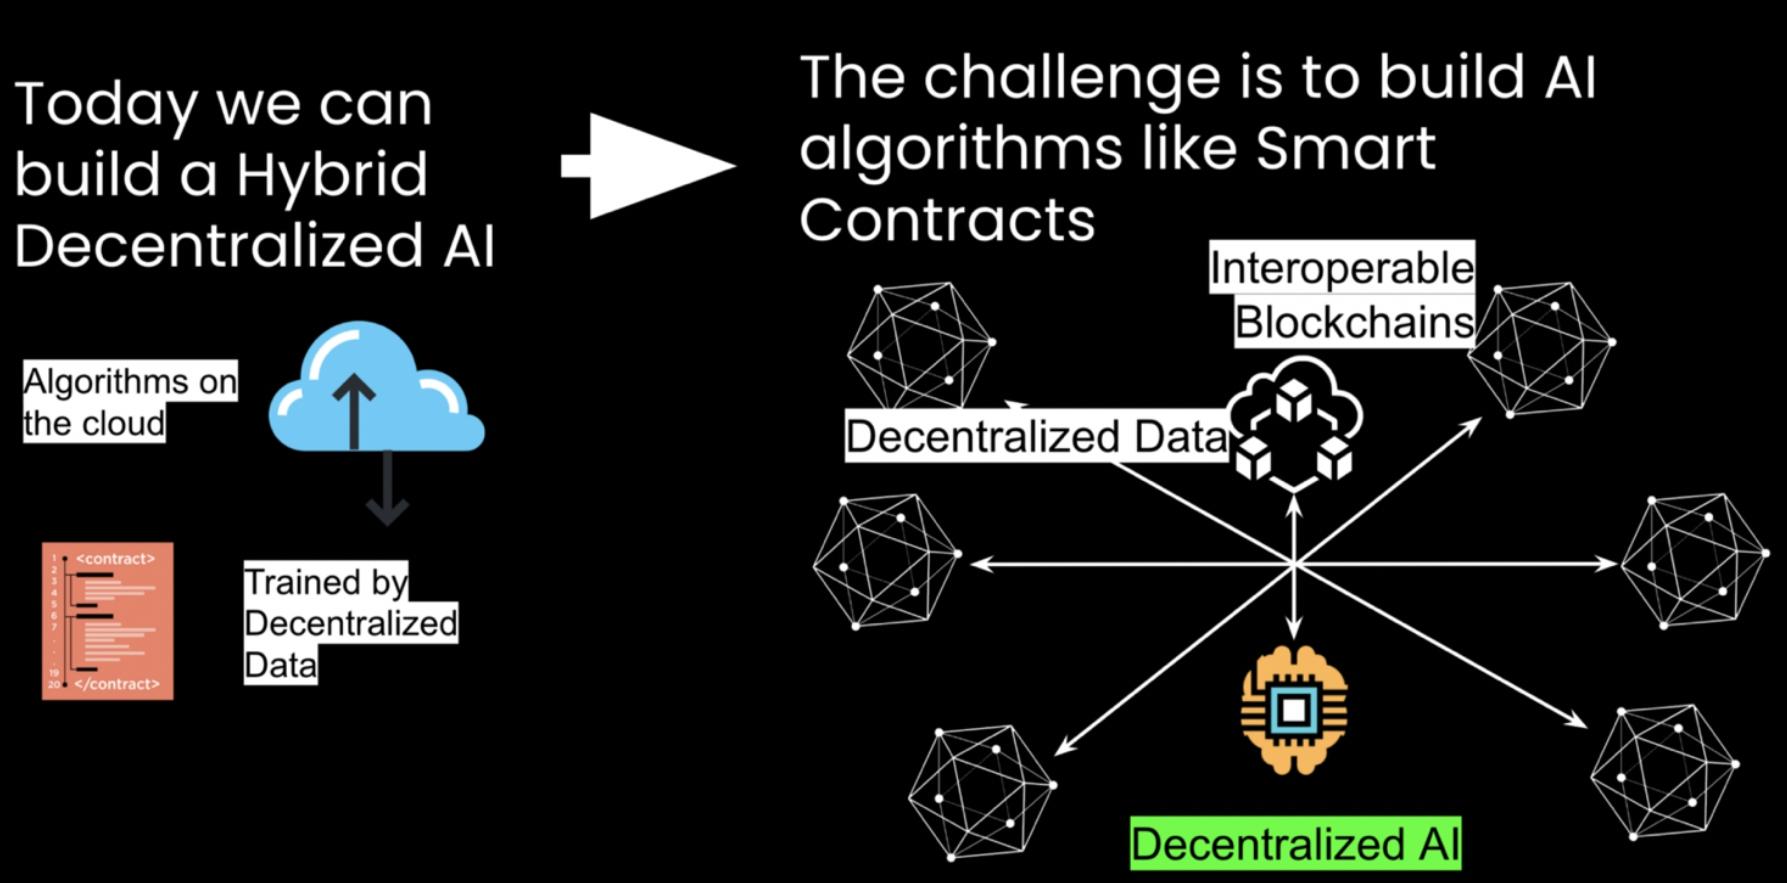 Decentralized AI